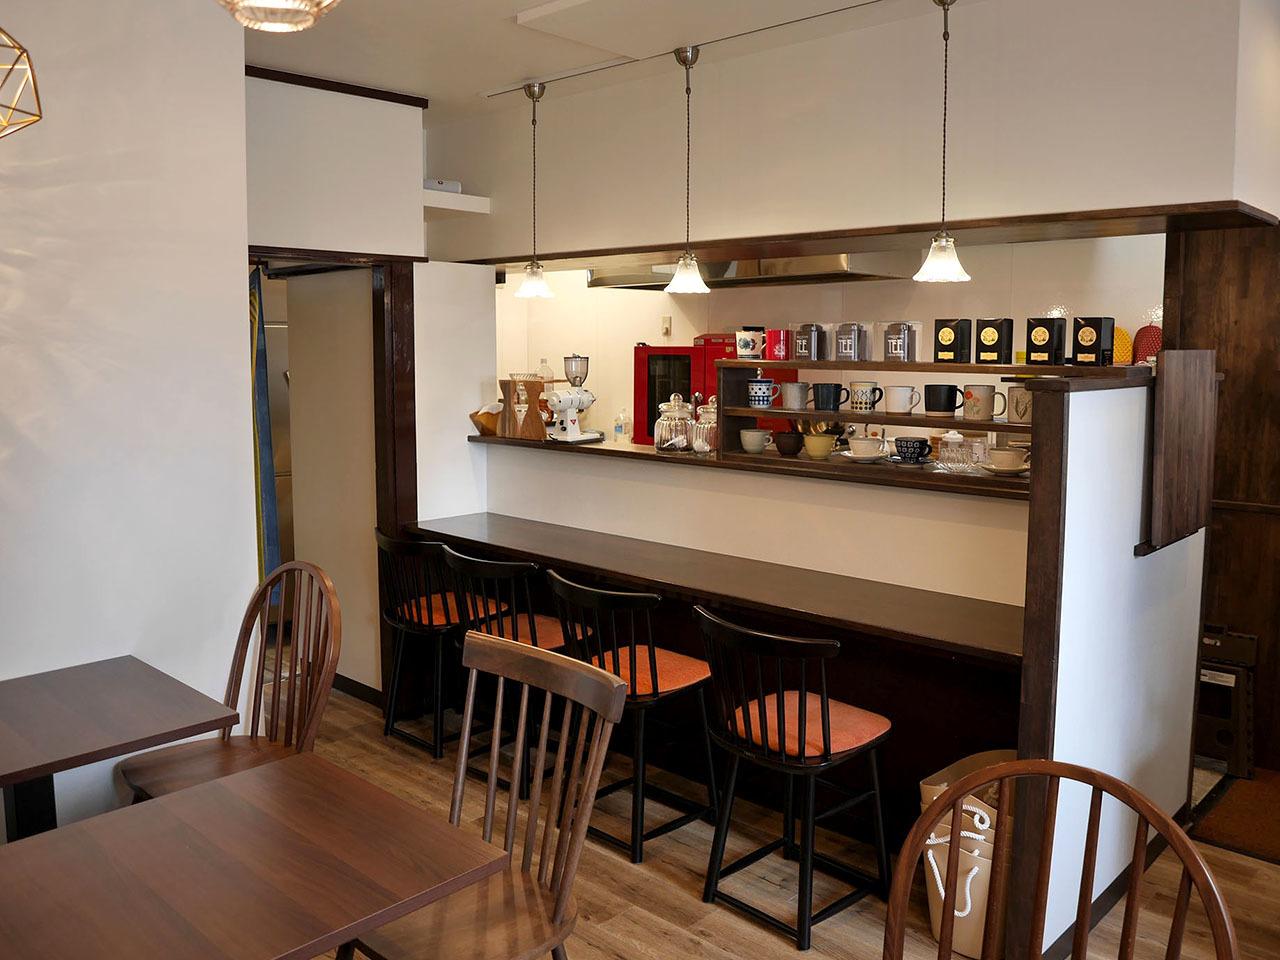 明石市荷山町|「おやつcafe Nico+」さん 2020年4月15日オープン!_a0129705_03054879.jpg